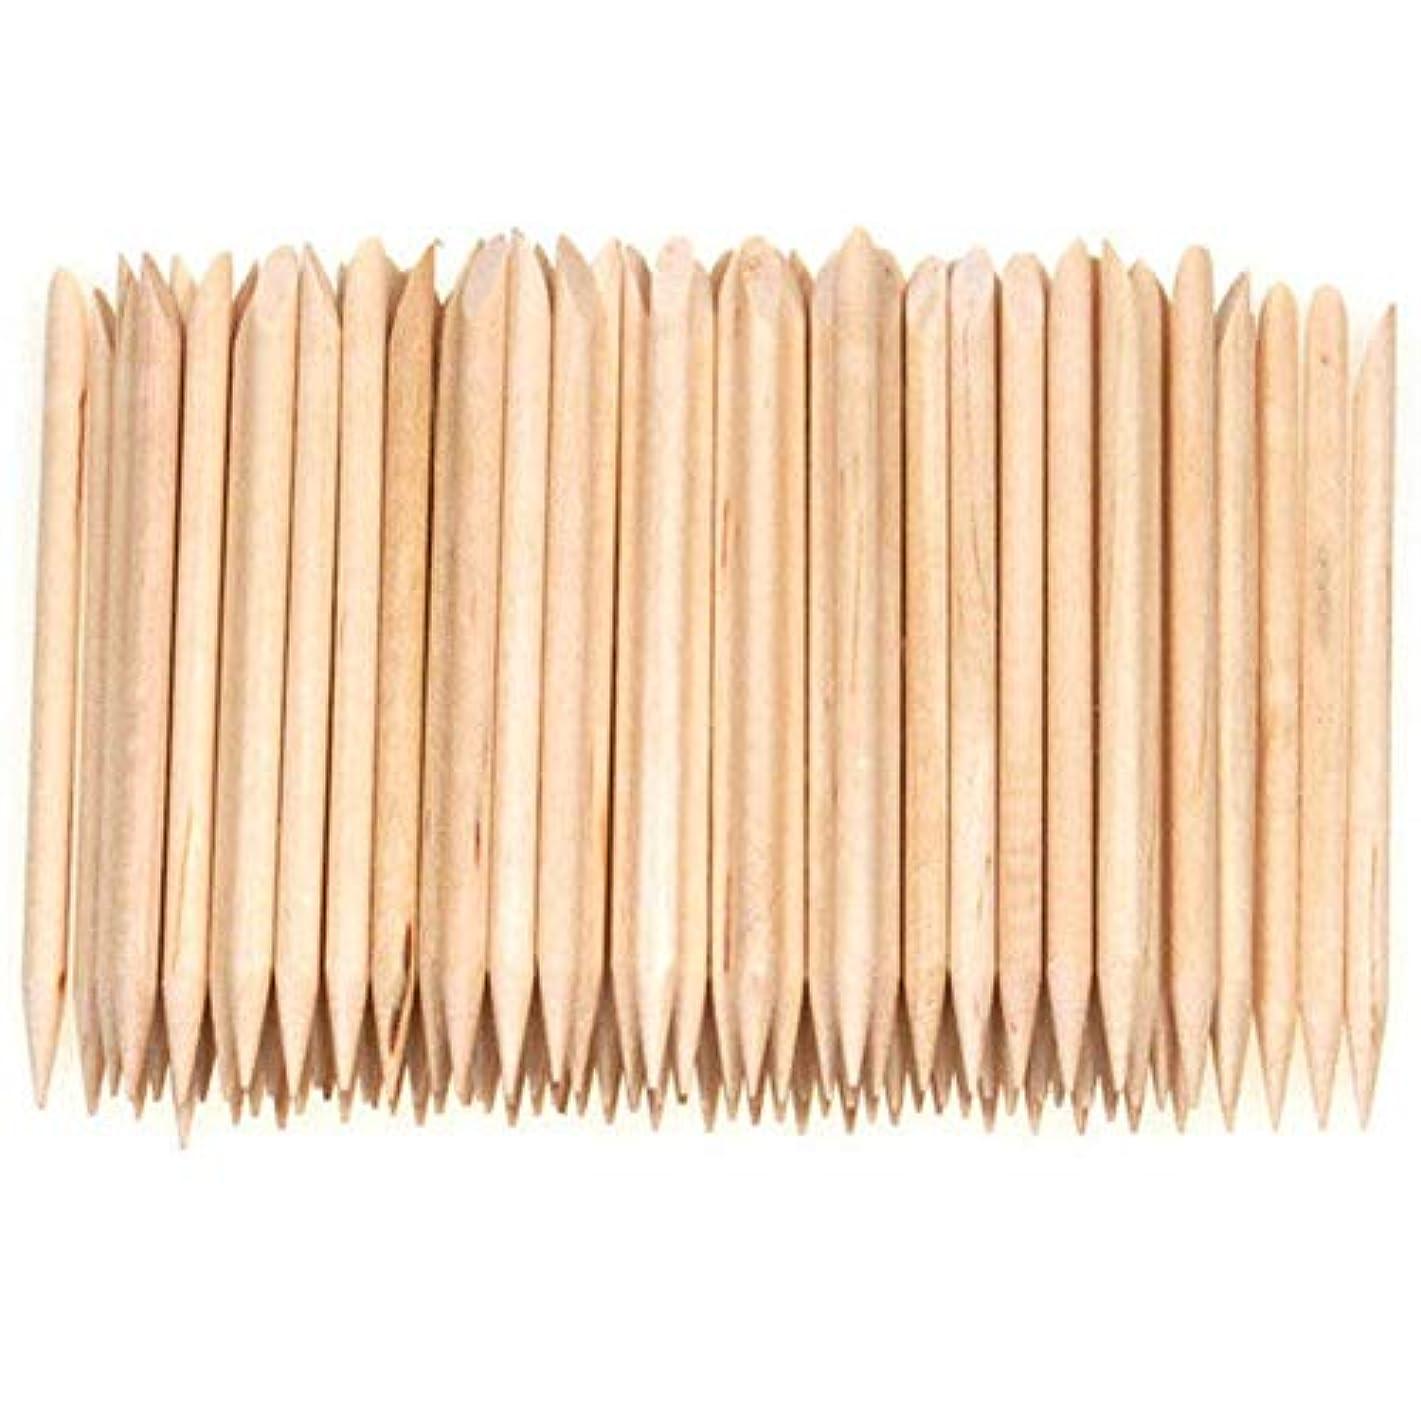 読みやすさ雇うアカデミーSemoic 100個ネイルアートデザイン木製の棒キューティクルプッシャーリムーバーマニキュアケア